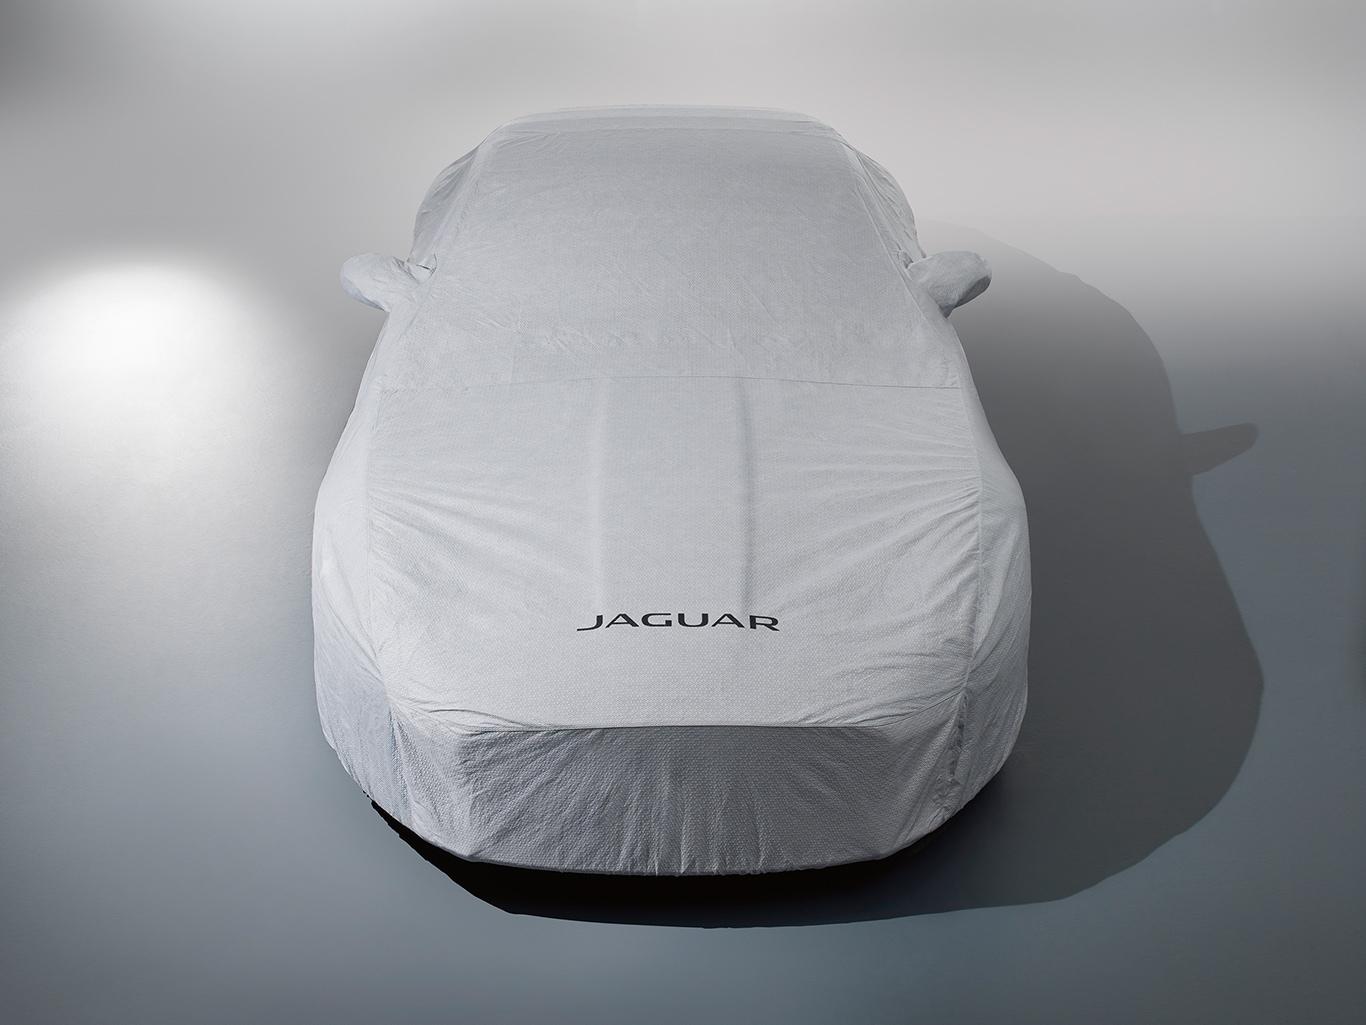 Jaguar Accessories F Type Exterior Exterior